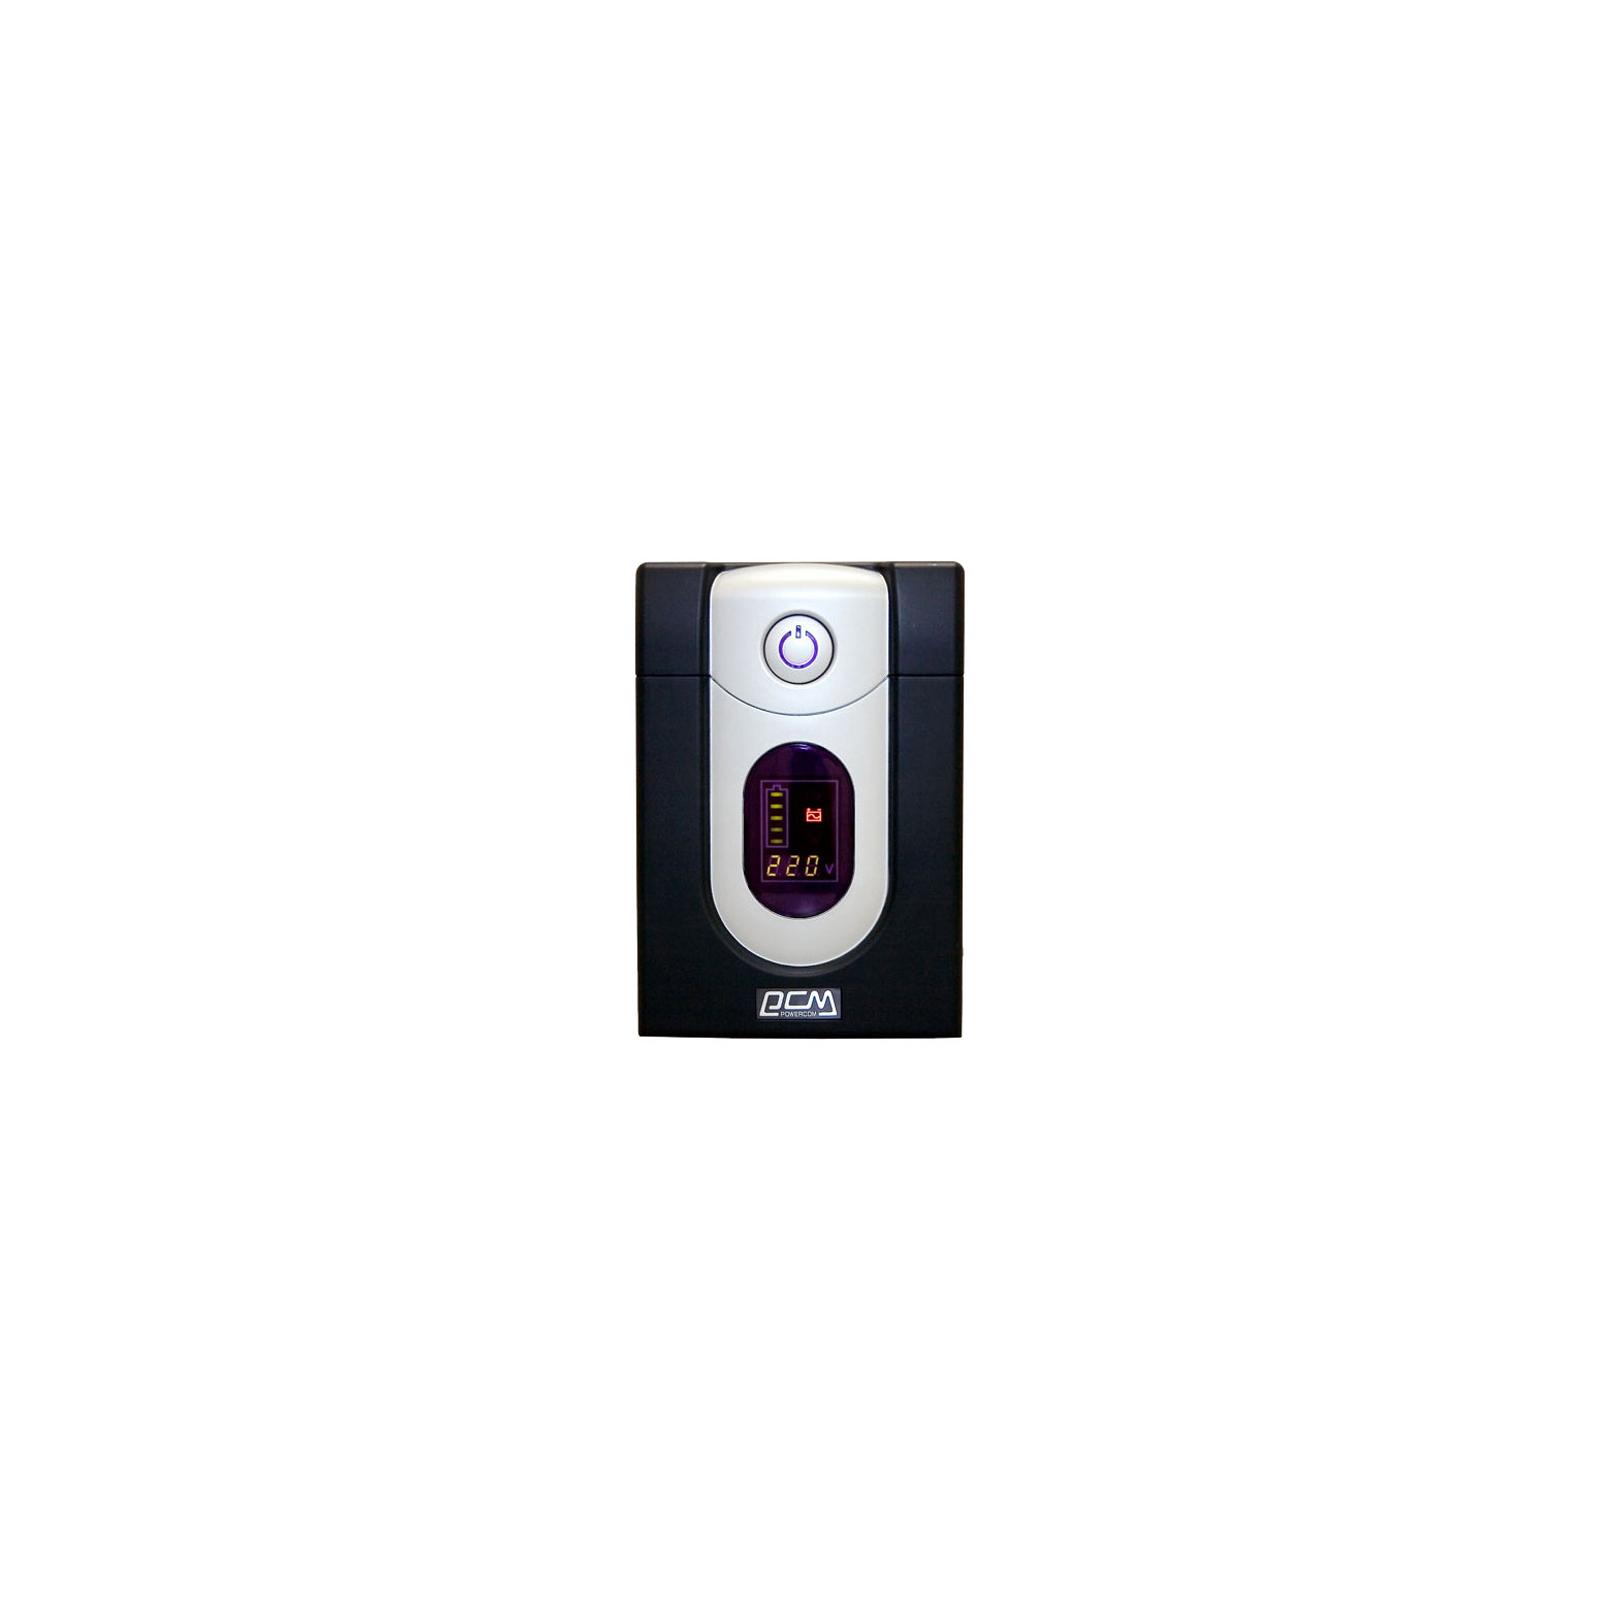 Источник бесперебойного питания IMD-1200 АР Powercom (IMD-1200 AP)